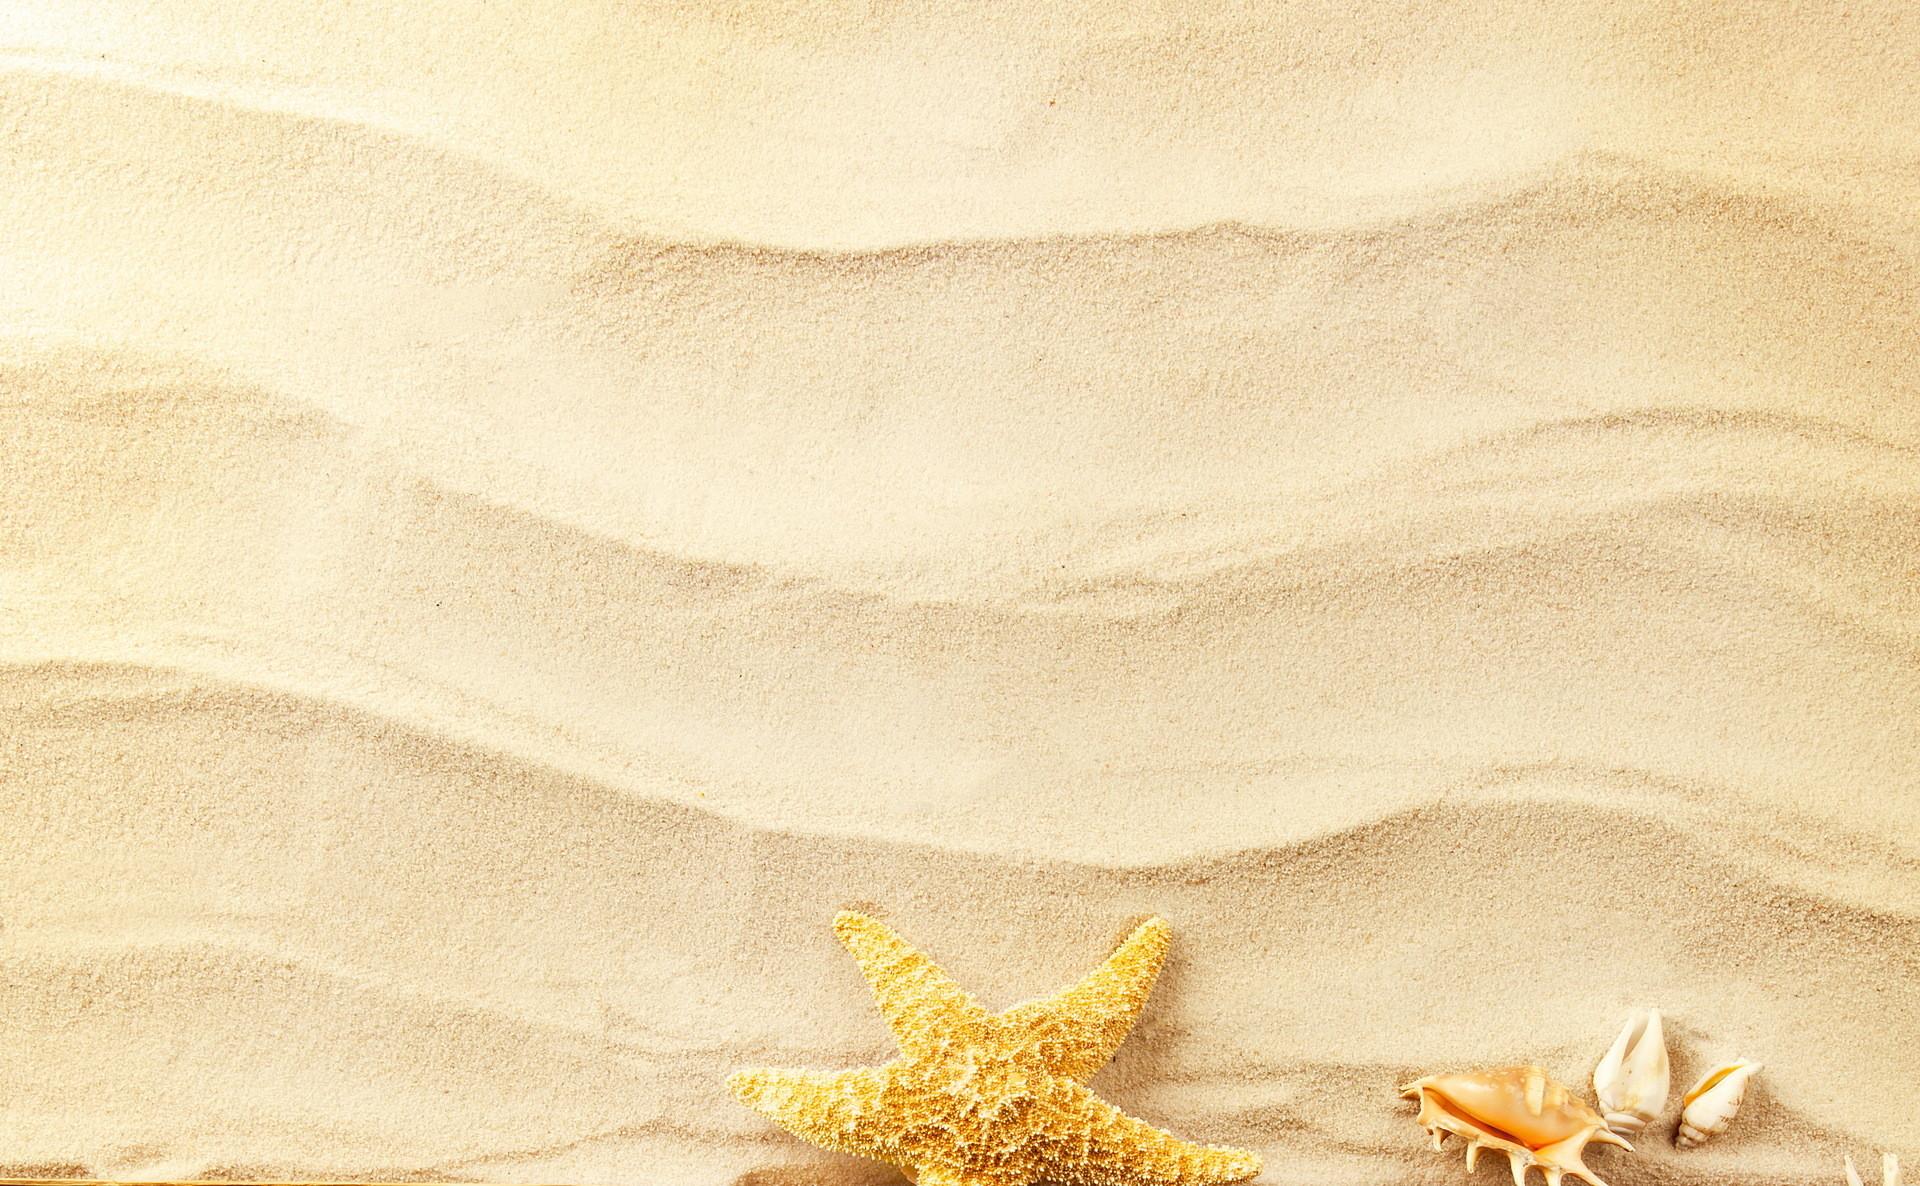 Conchiglie marine sfondi 43 immagini - Immagini di spongebob e sabbia ...